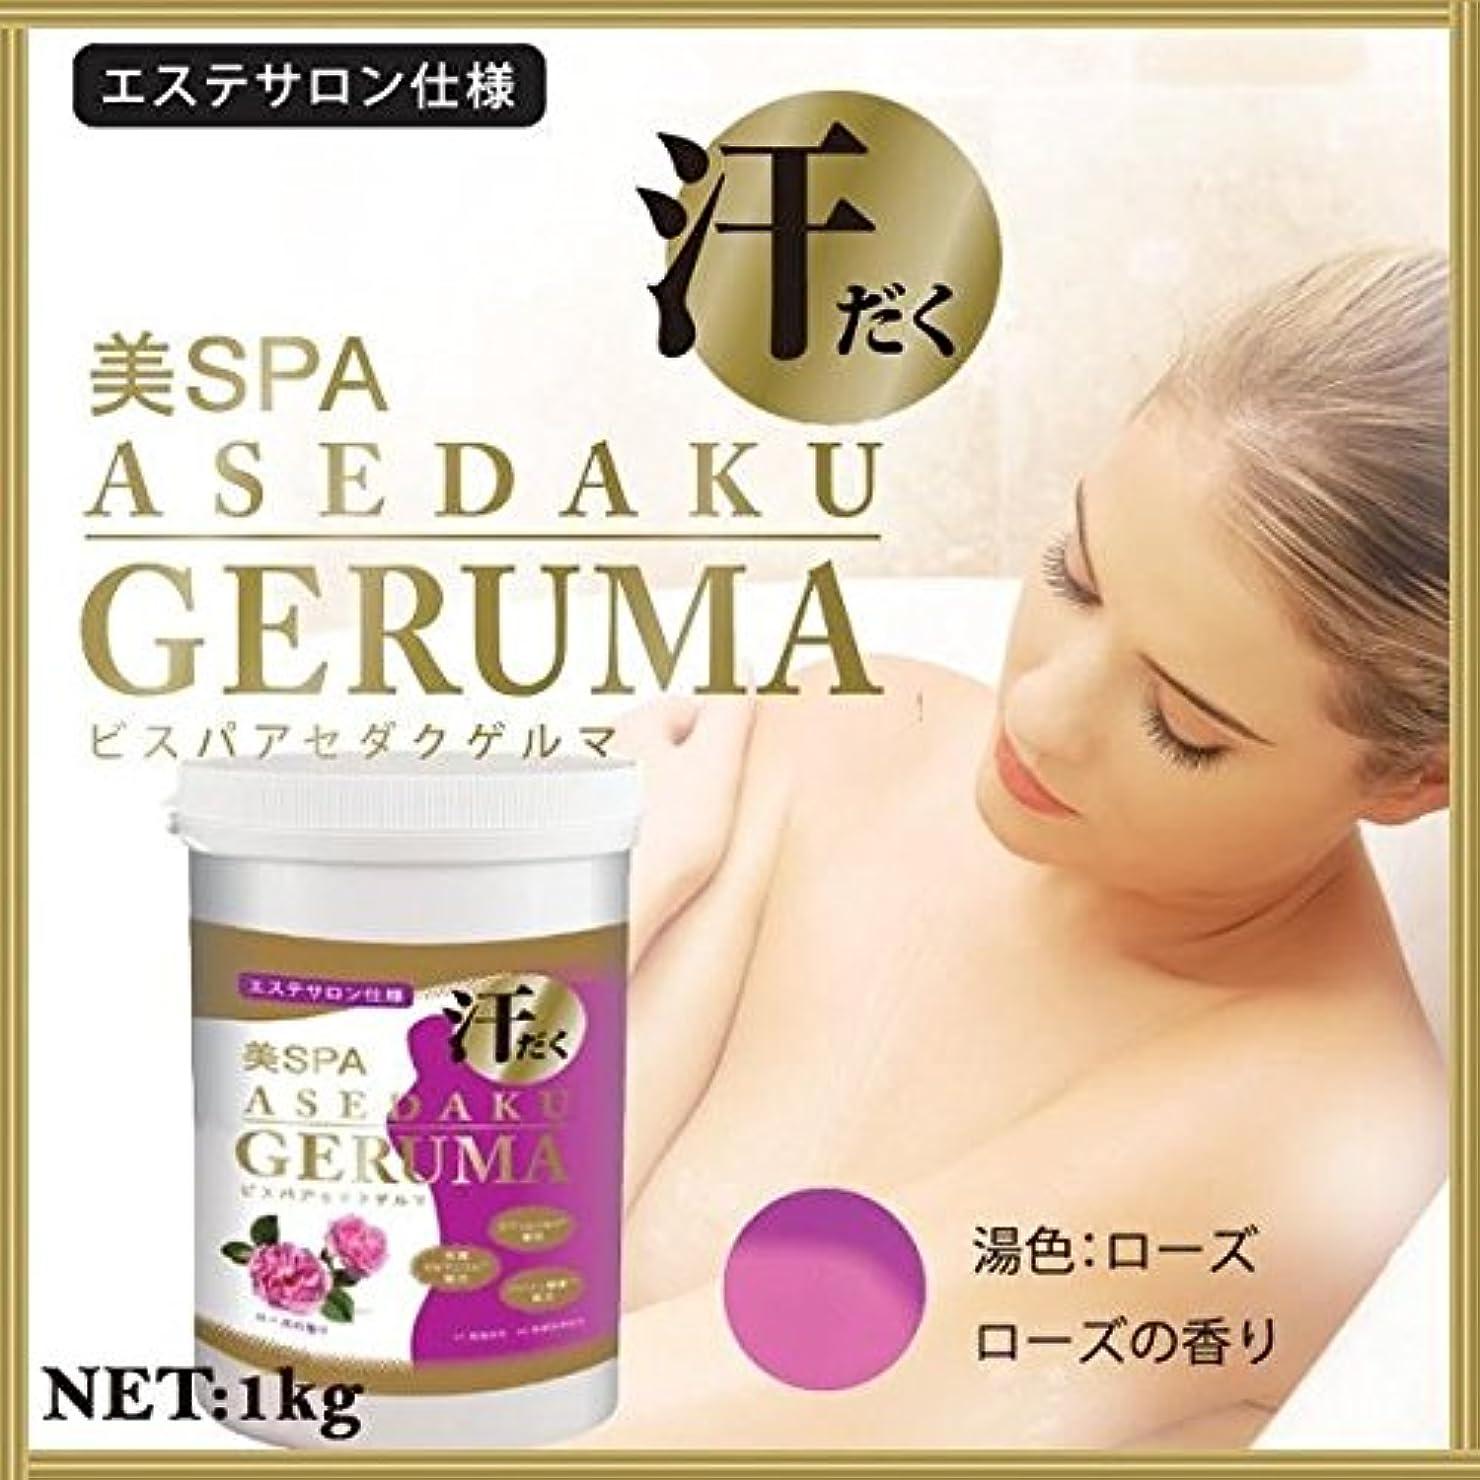 仲介者ダイヤル案件ゲルマニウム入浴料 美SPA ASEDAKU GERUMA ROSE(ローズ) ボトル 1kg